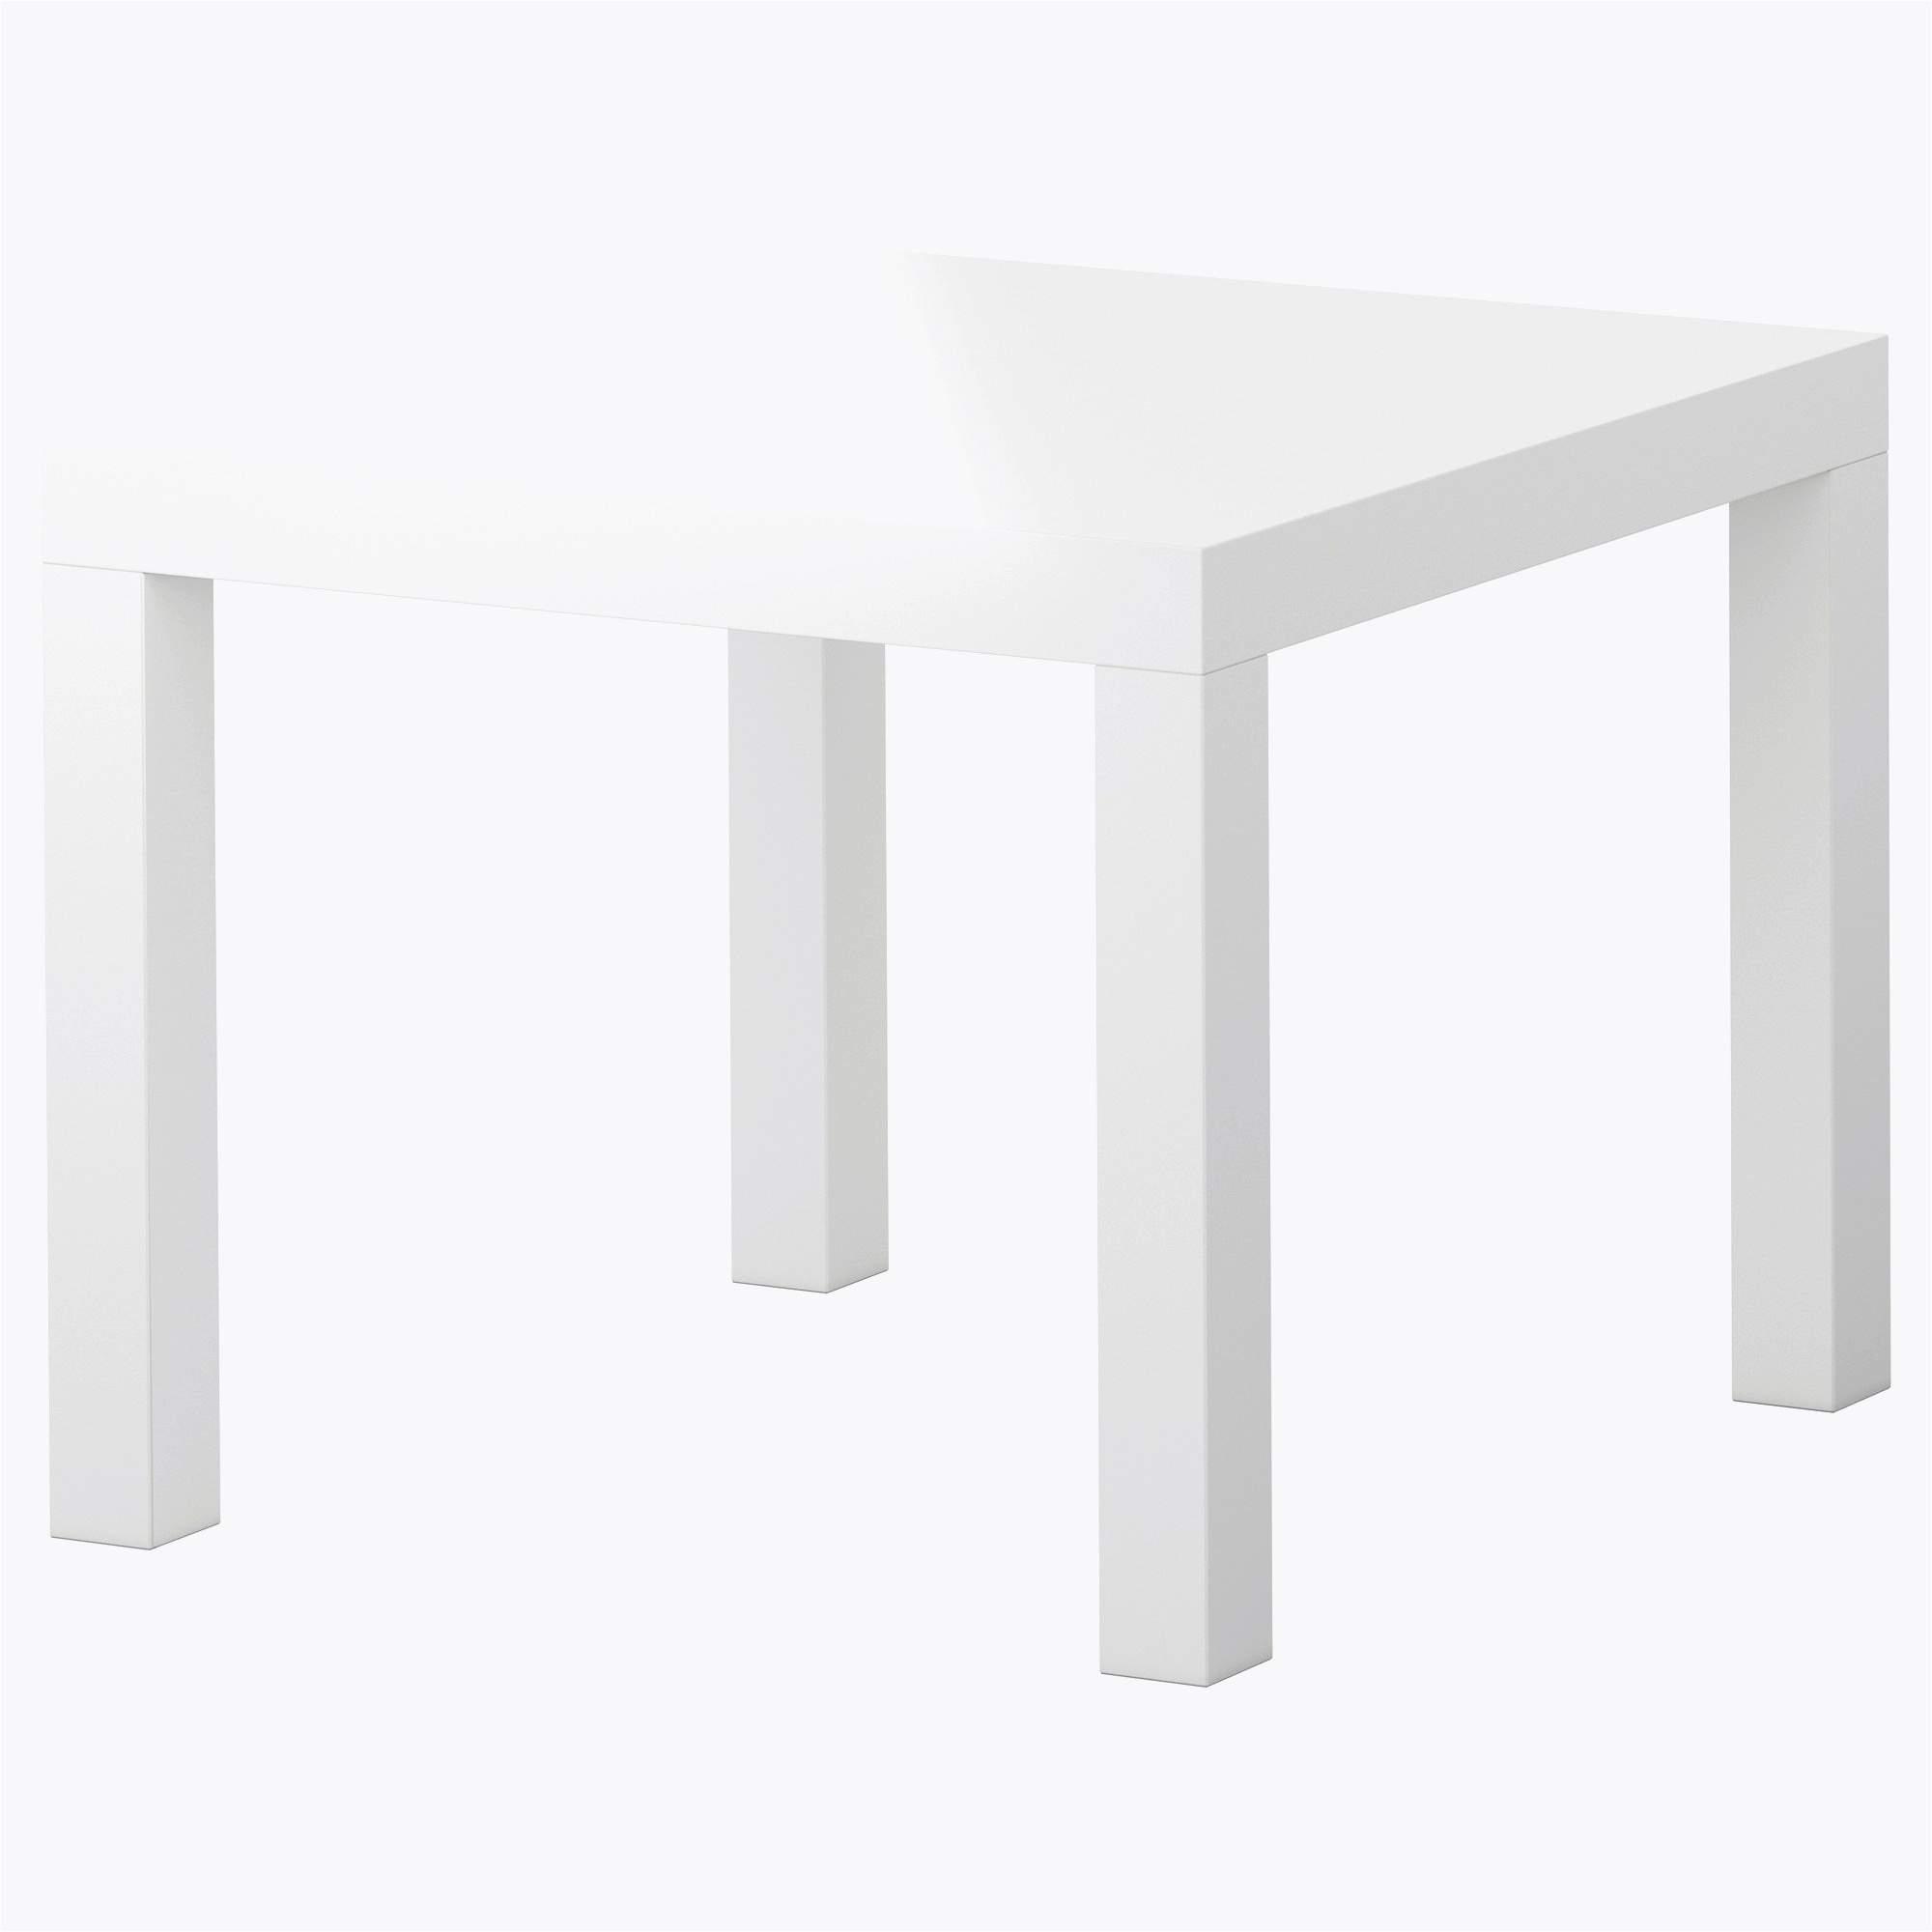 Table De Jardin Élégant Table Basse Relevable Extensible ... concernant Table Basse De Jardin Ikea